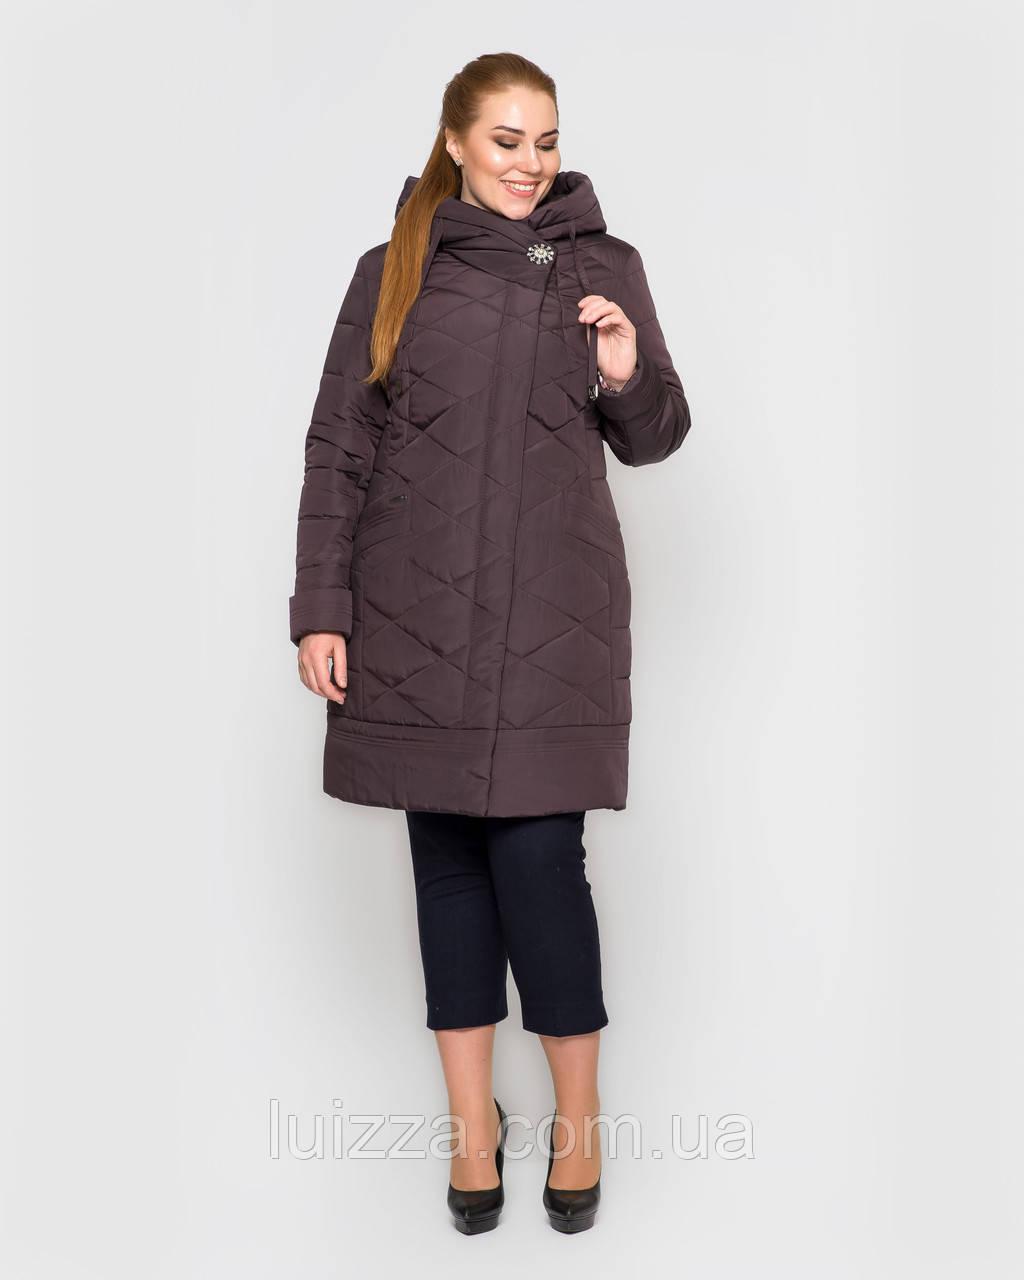 Женская длинная куртка с брошью,  48-58рр коричневый